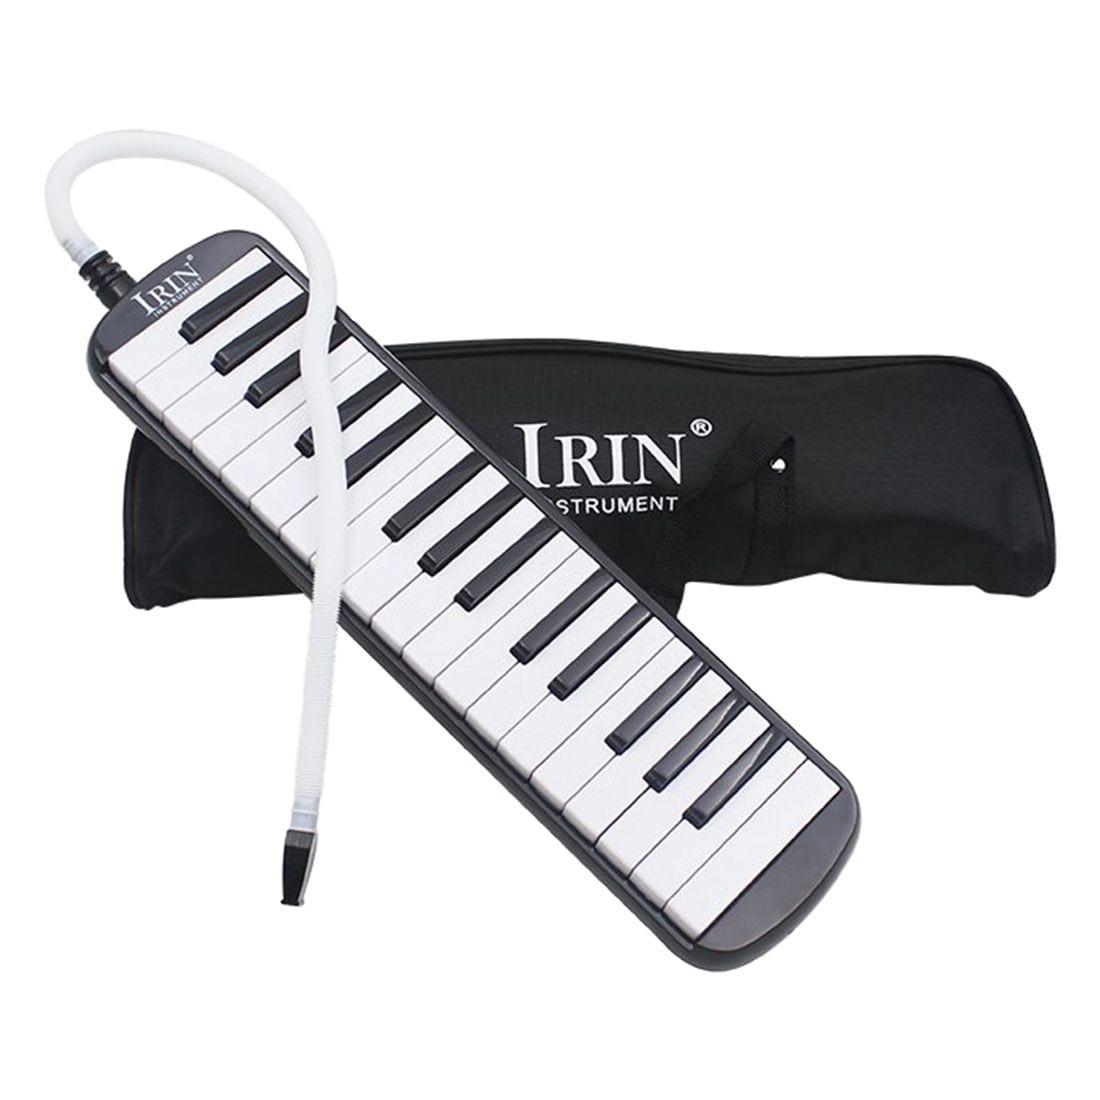 IRIN 1 Unidades 32 clave estilo de Piano de Melodica con caja de órgano acordeón pieza de boca golpe clave junta (negro)